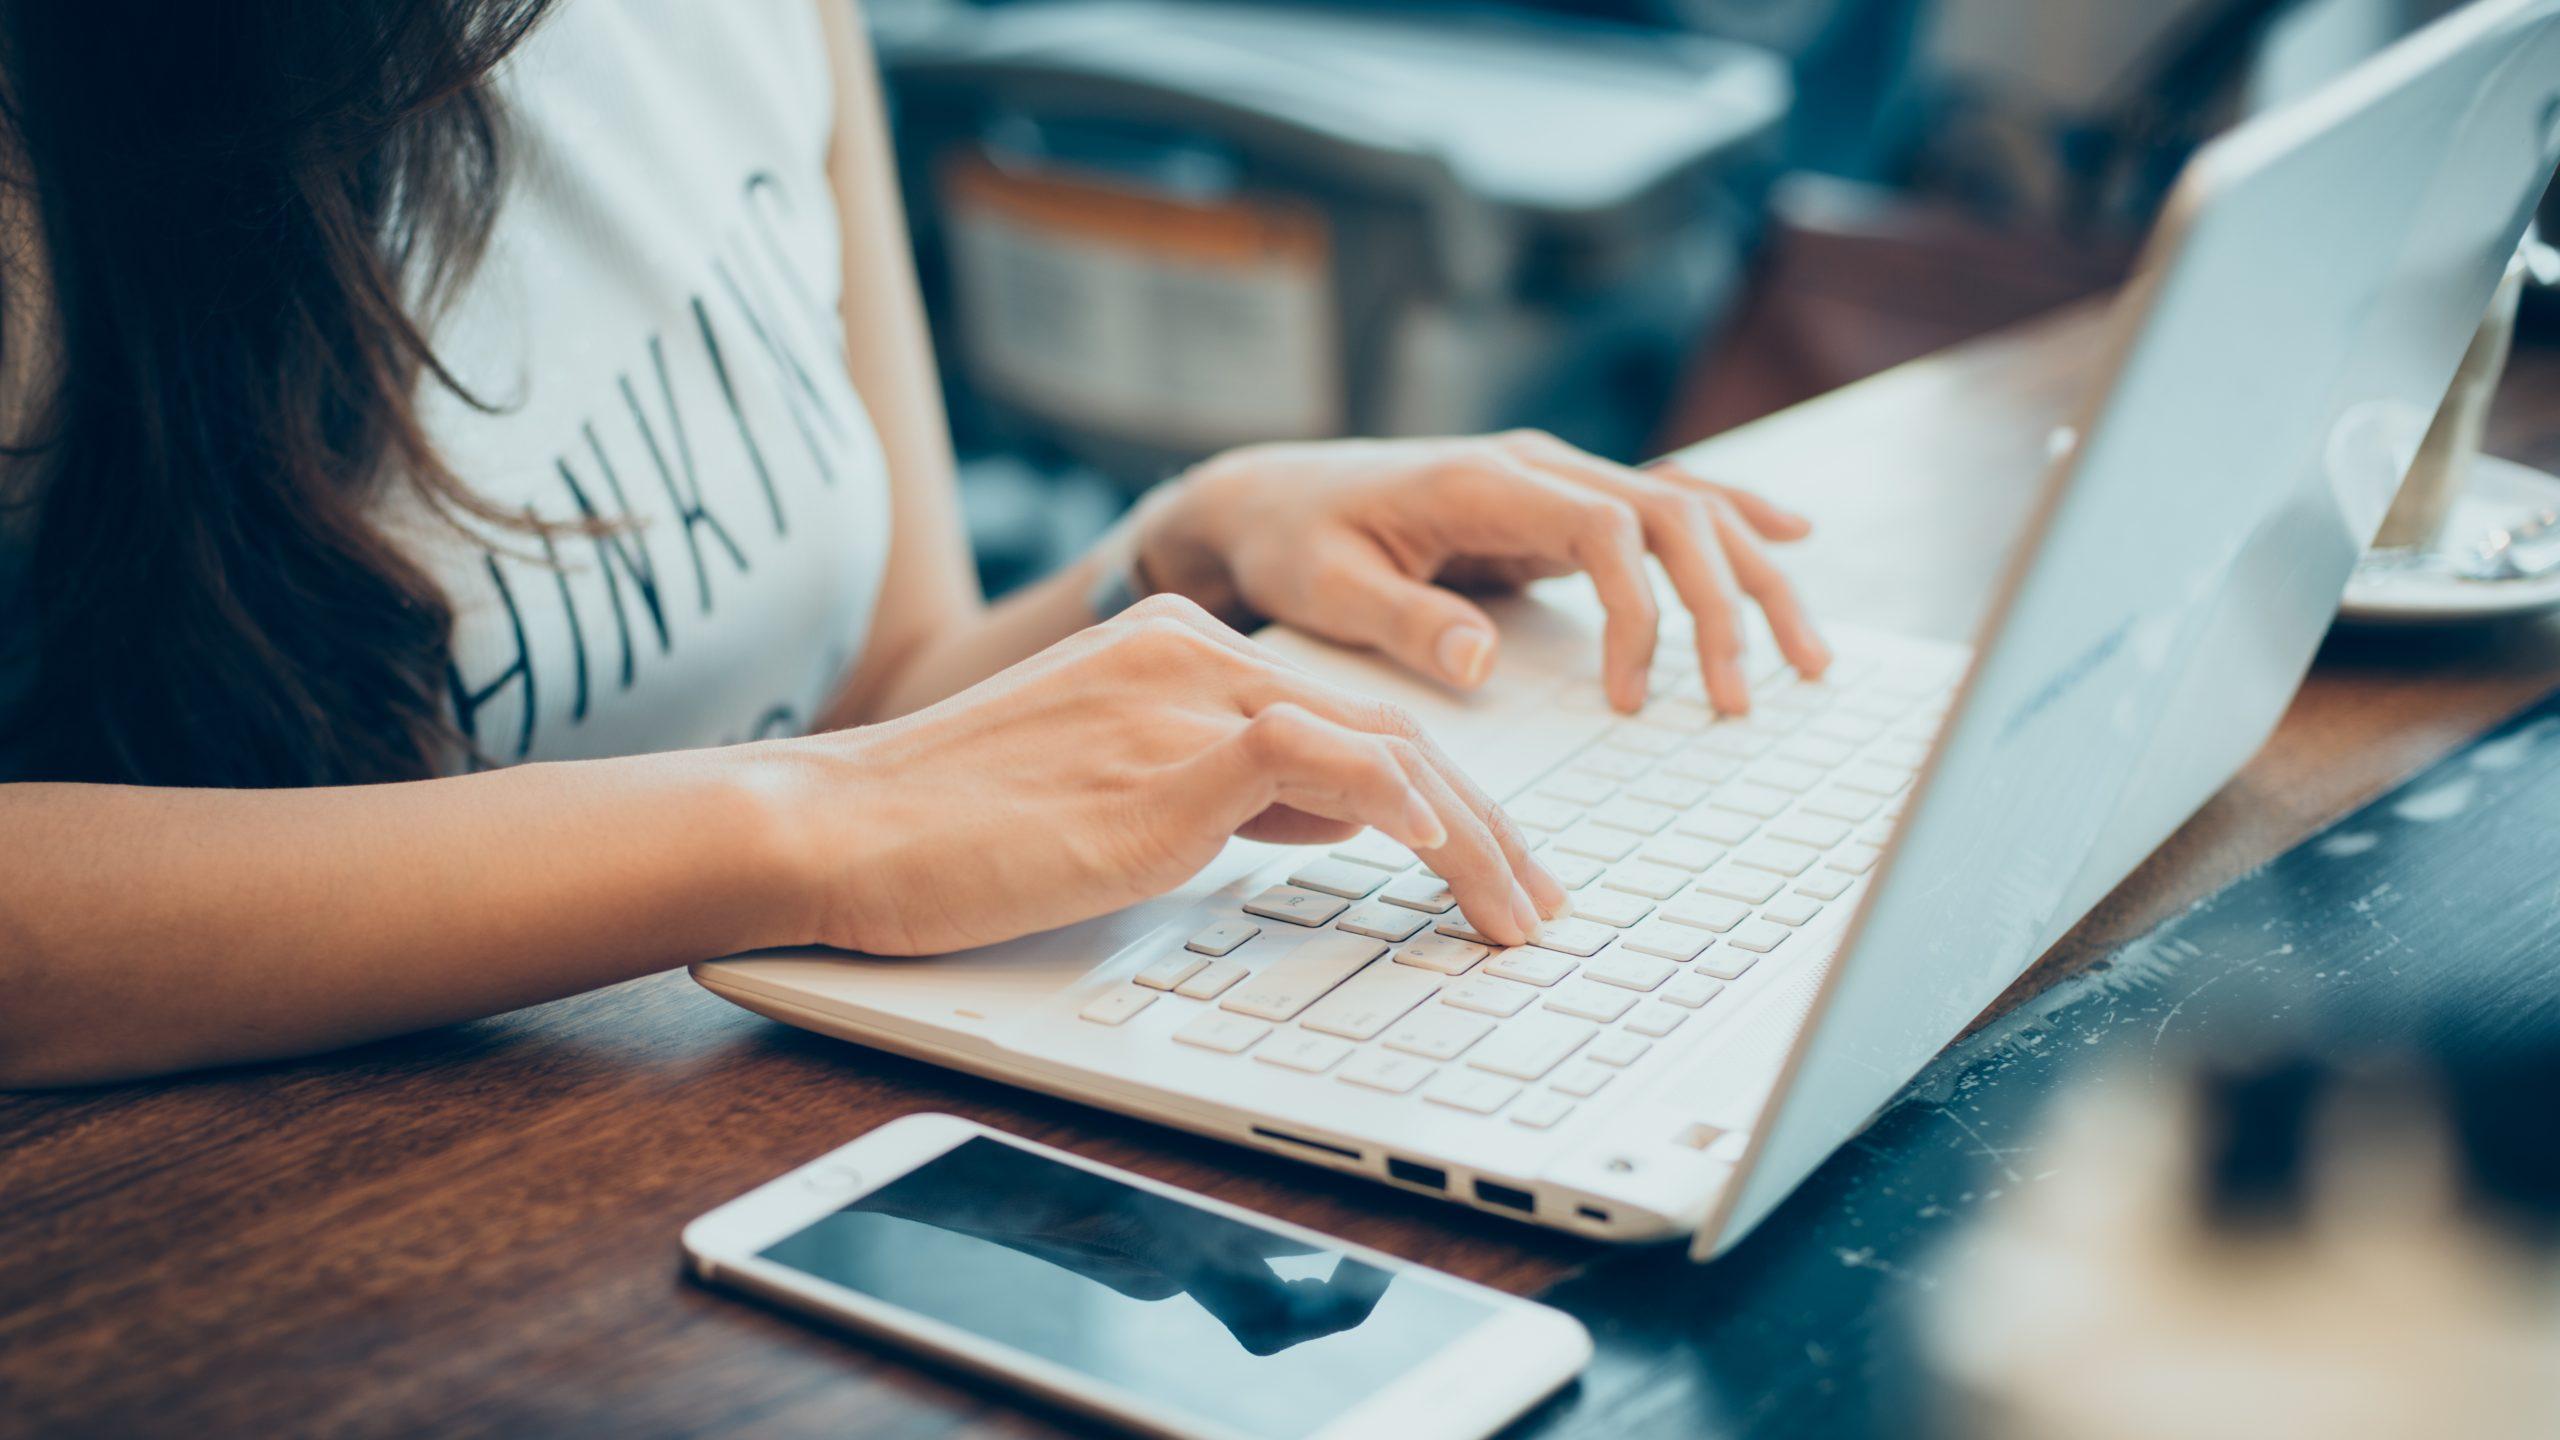 Mulher digitando no notebook; há vagas para profissionais da tecnologia